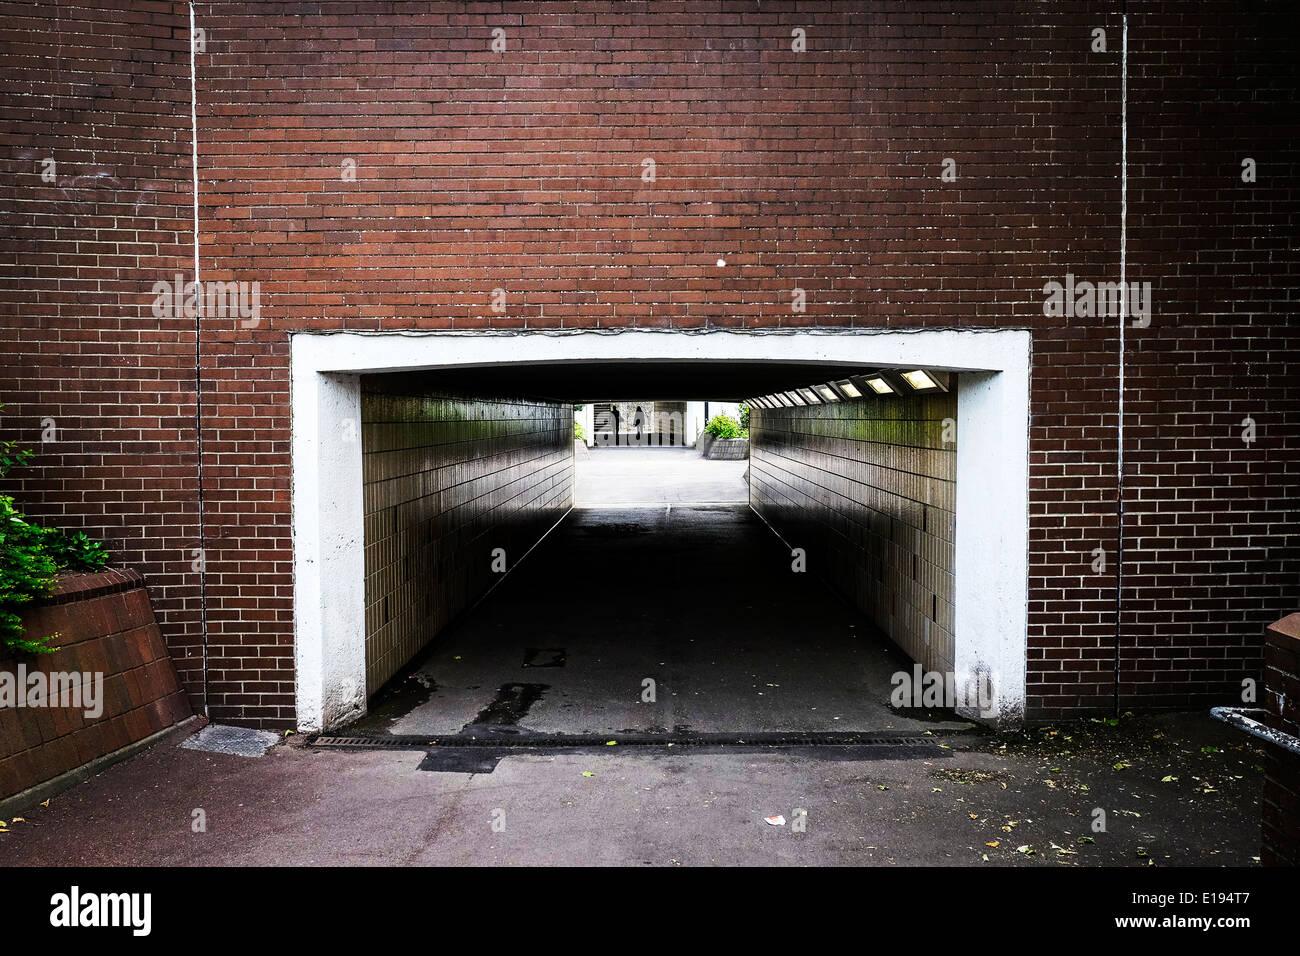 A pedestrian underpass. - Stock Image